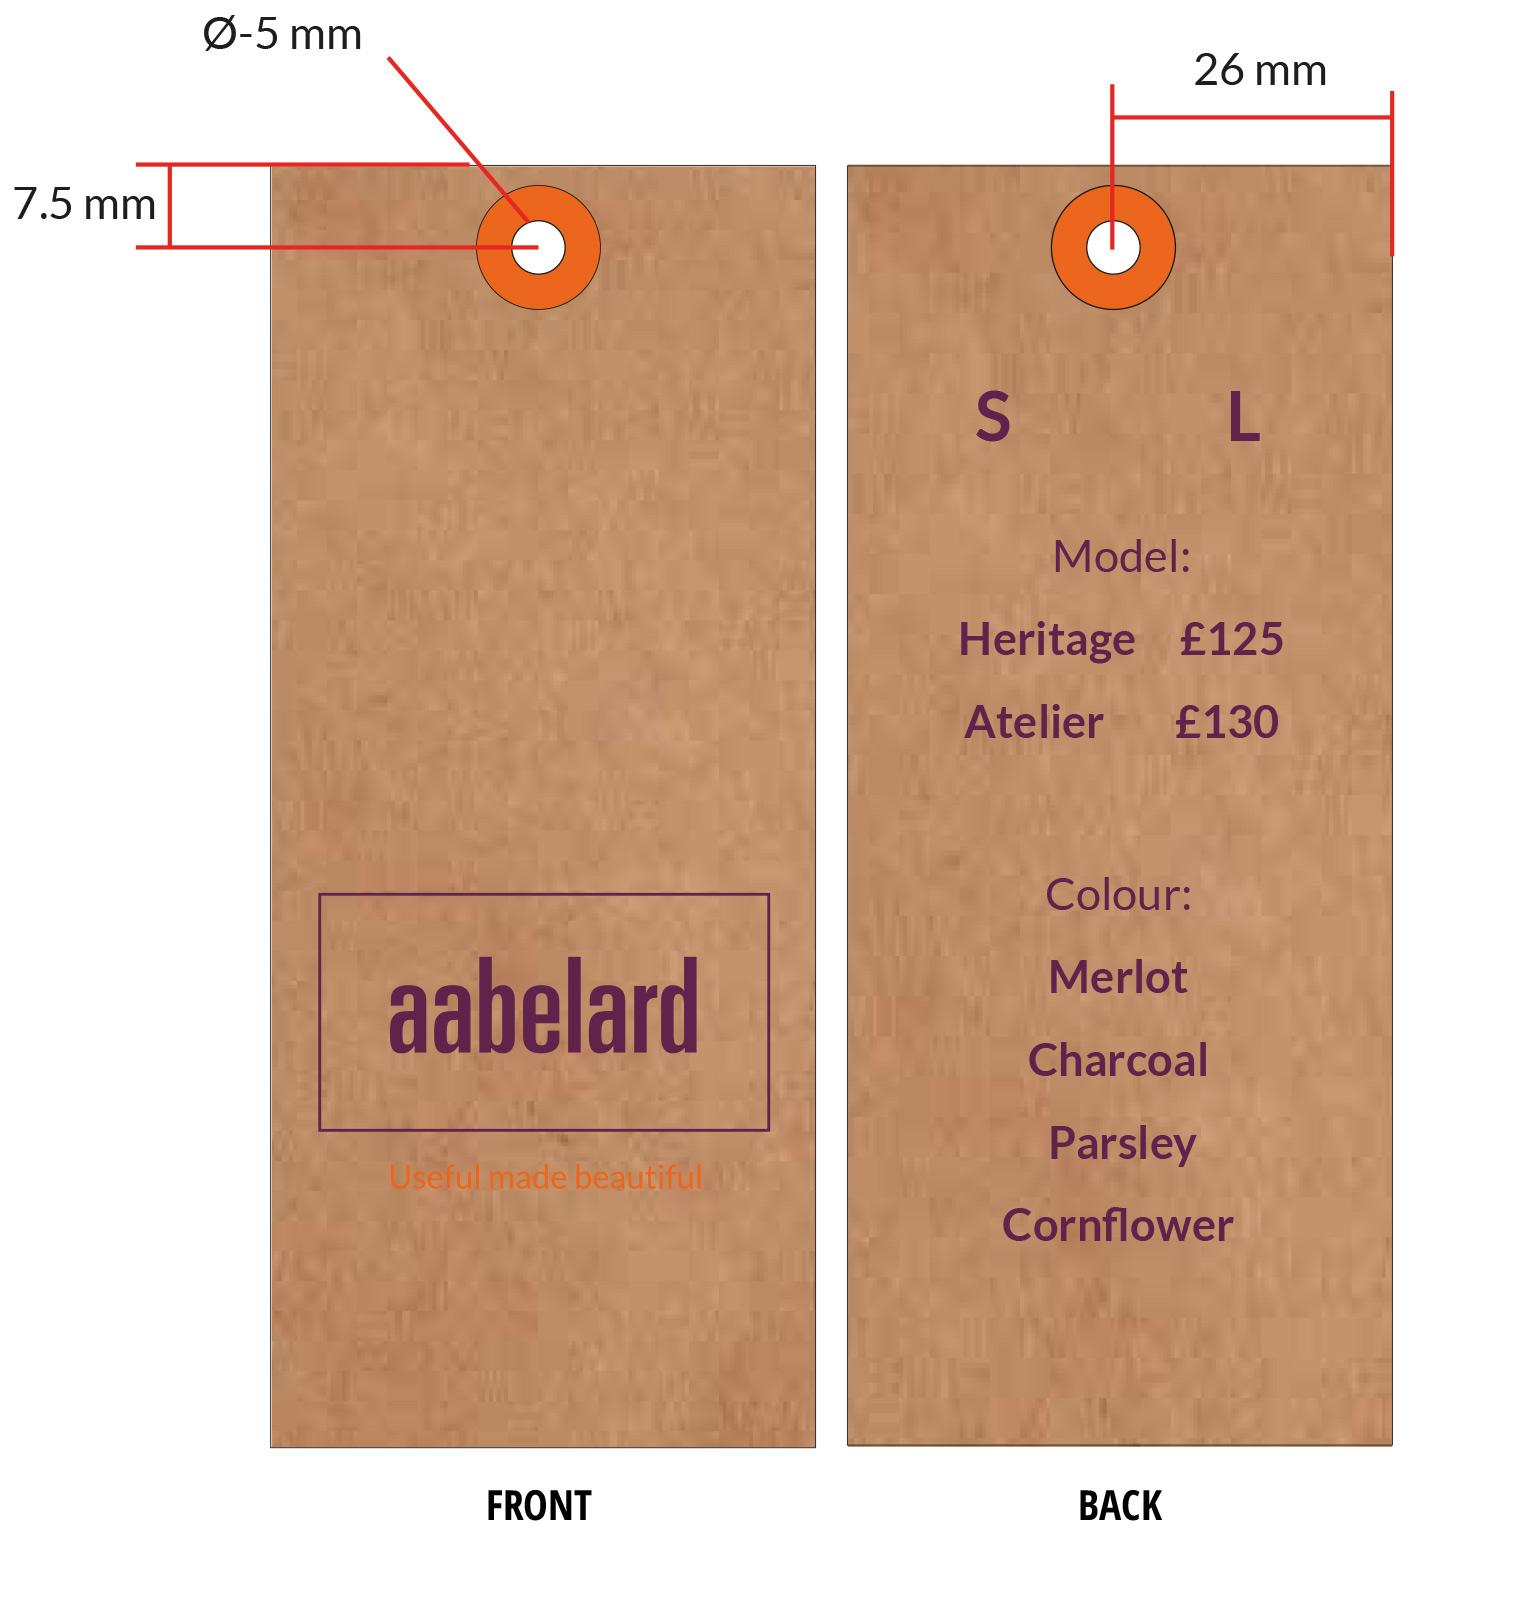 Swing tags for Aabelard